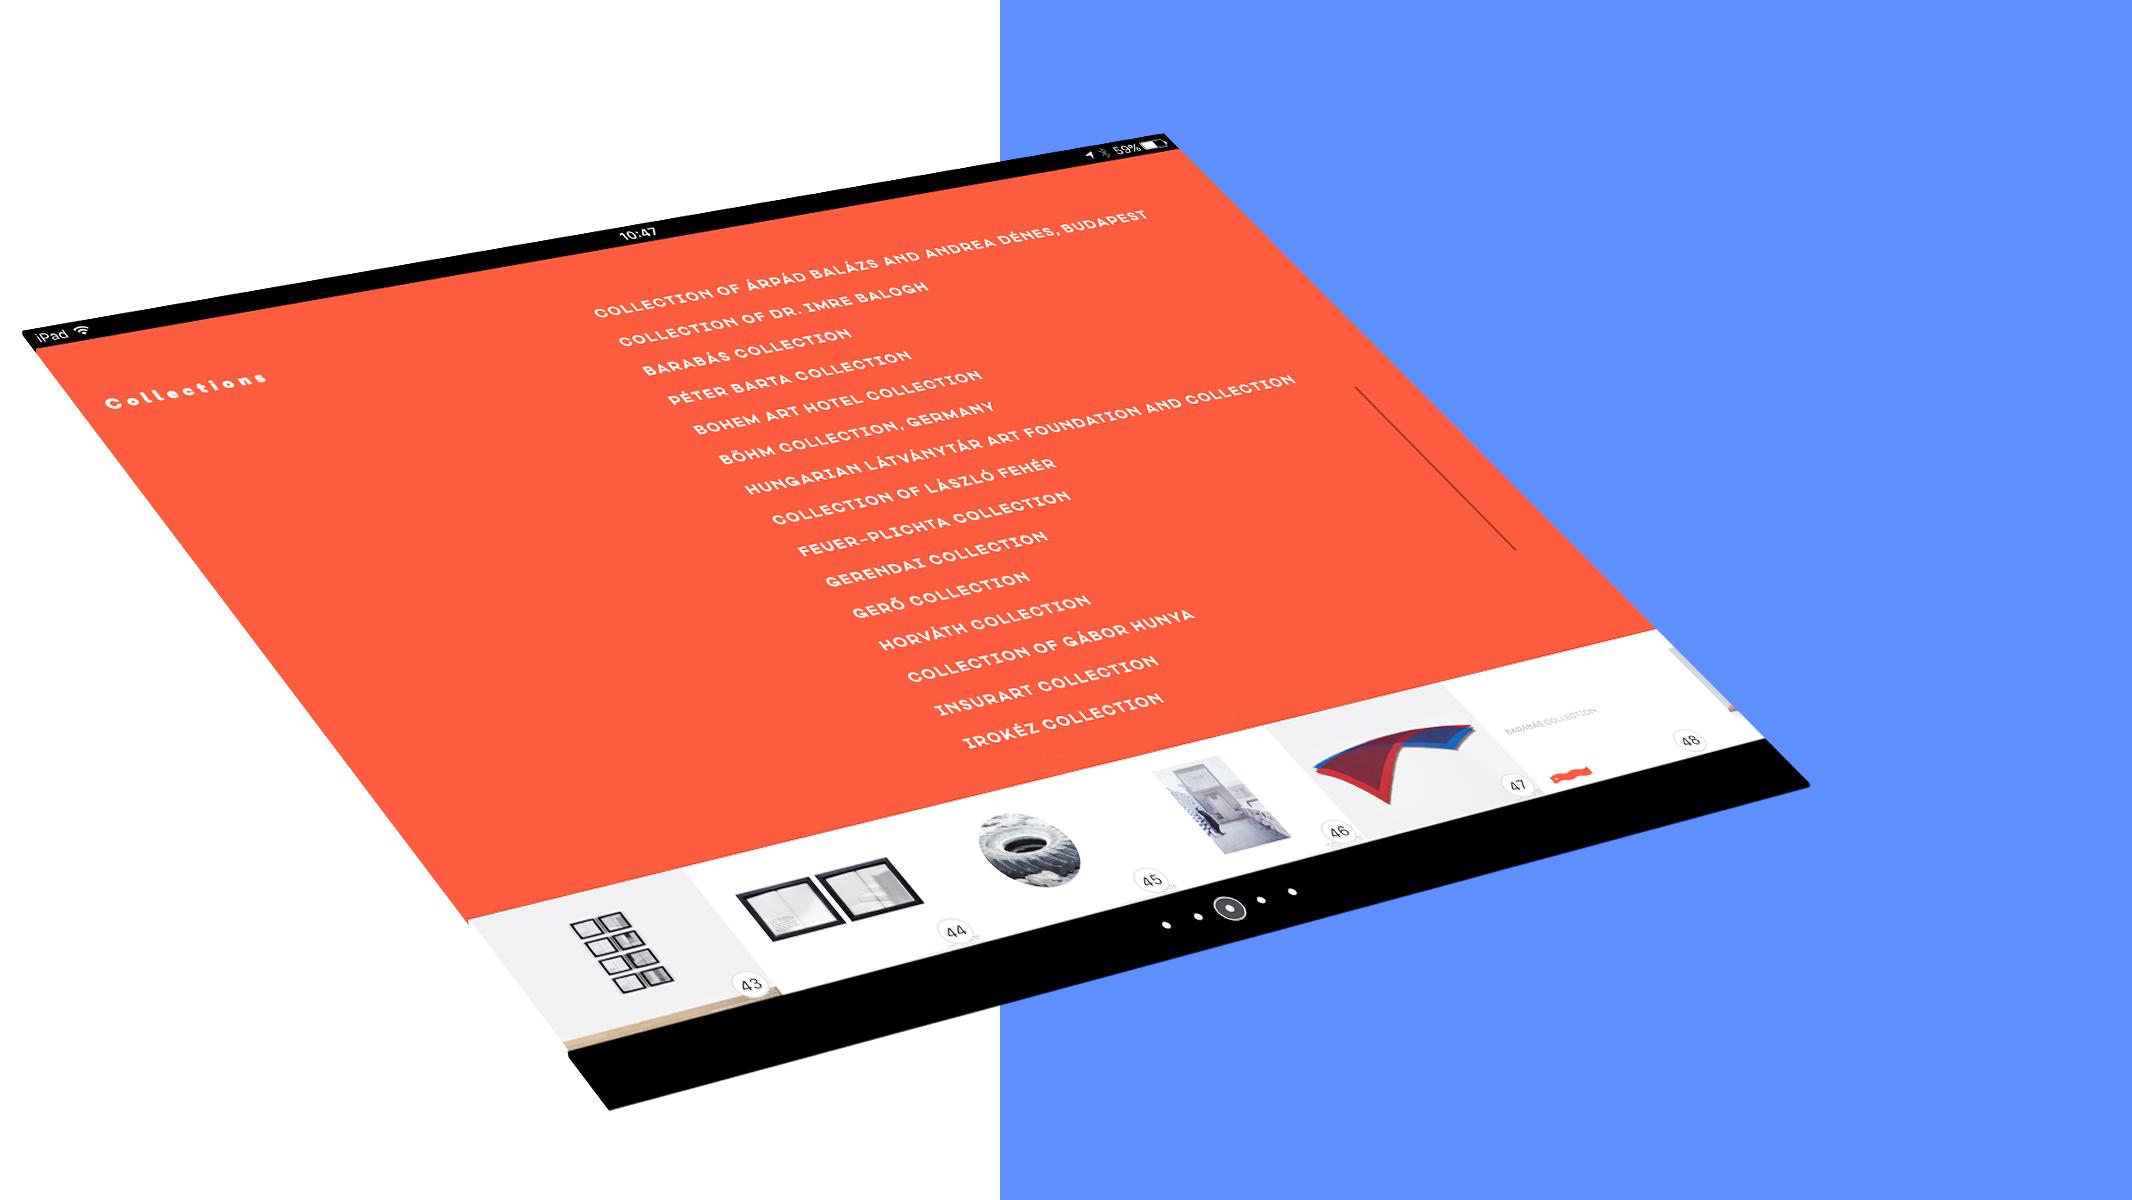 kortarsak-ibooks-14